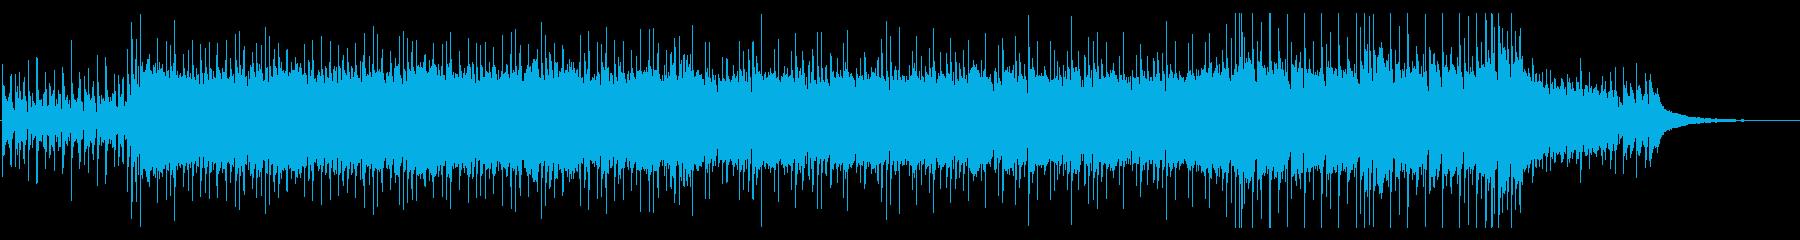 ストリングスが爽やかなポップス系BGMの再生済みの波形